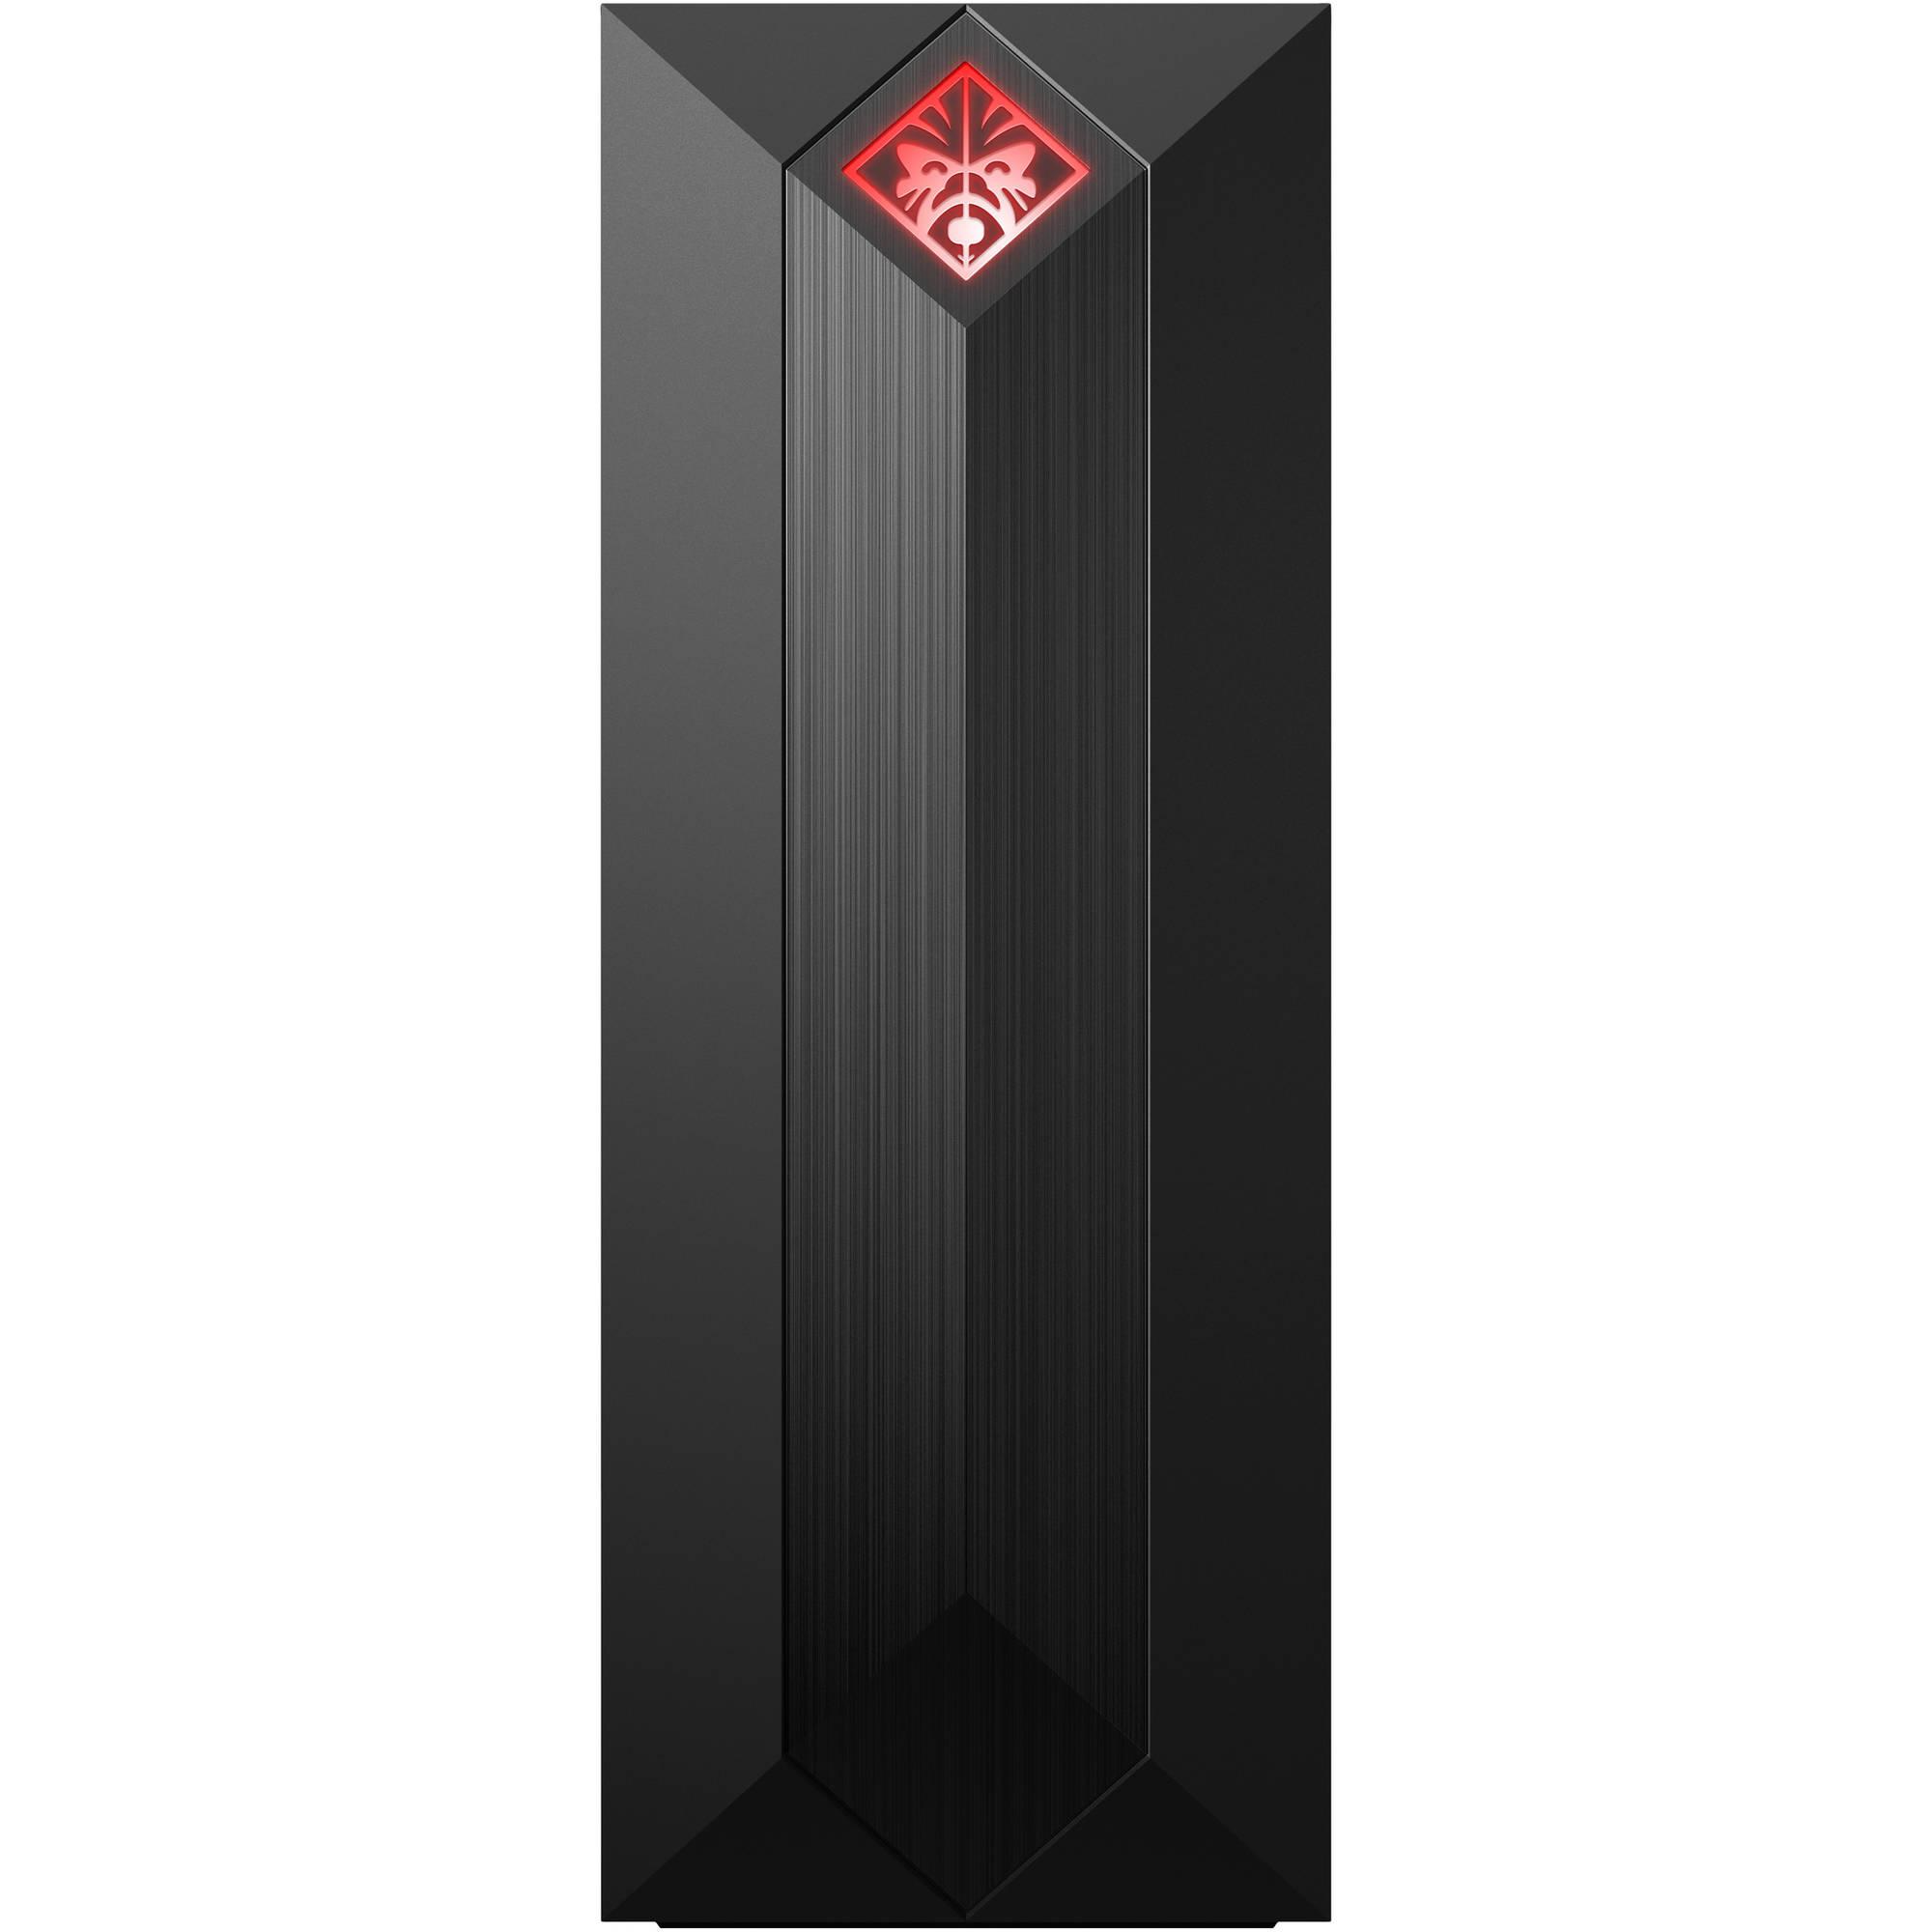 HP OMEN Obelisk 875-0020 Desktop Computer